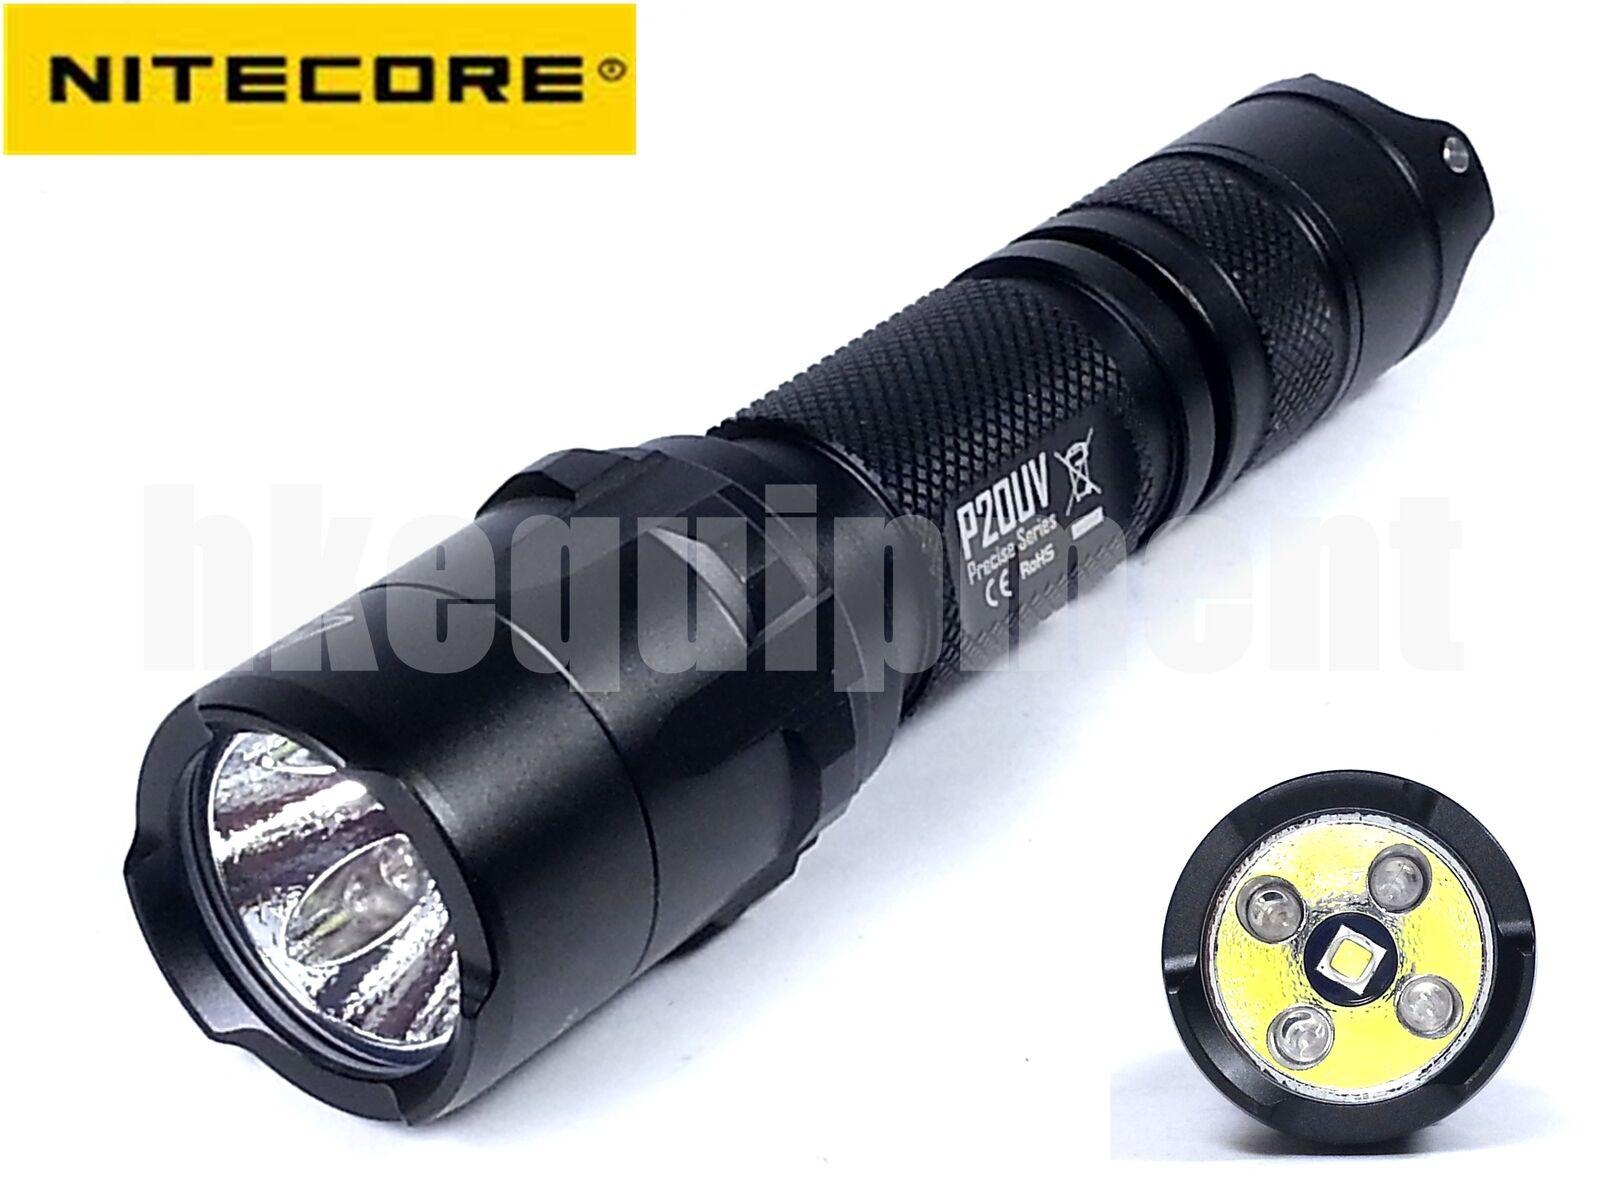 NiteCore P20UV Precise UV Ultralila 365nm Cree XM-L2 T6 LED Flashlight P20